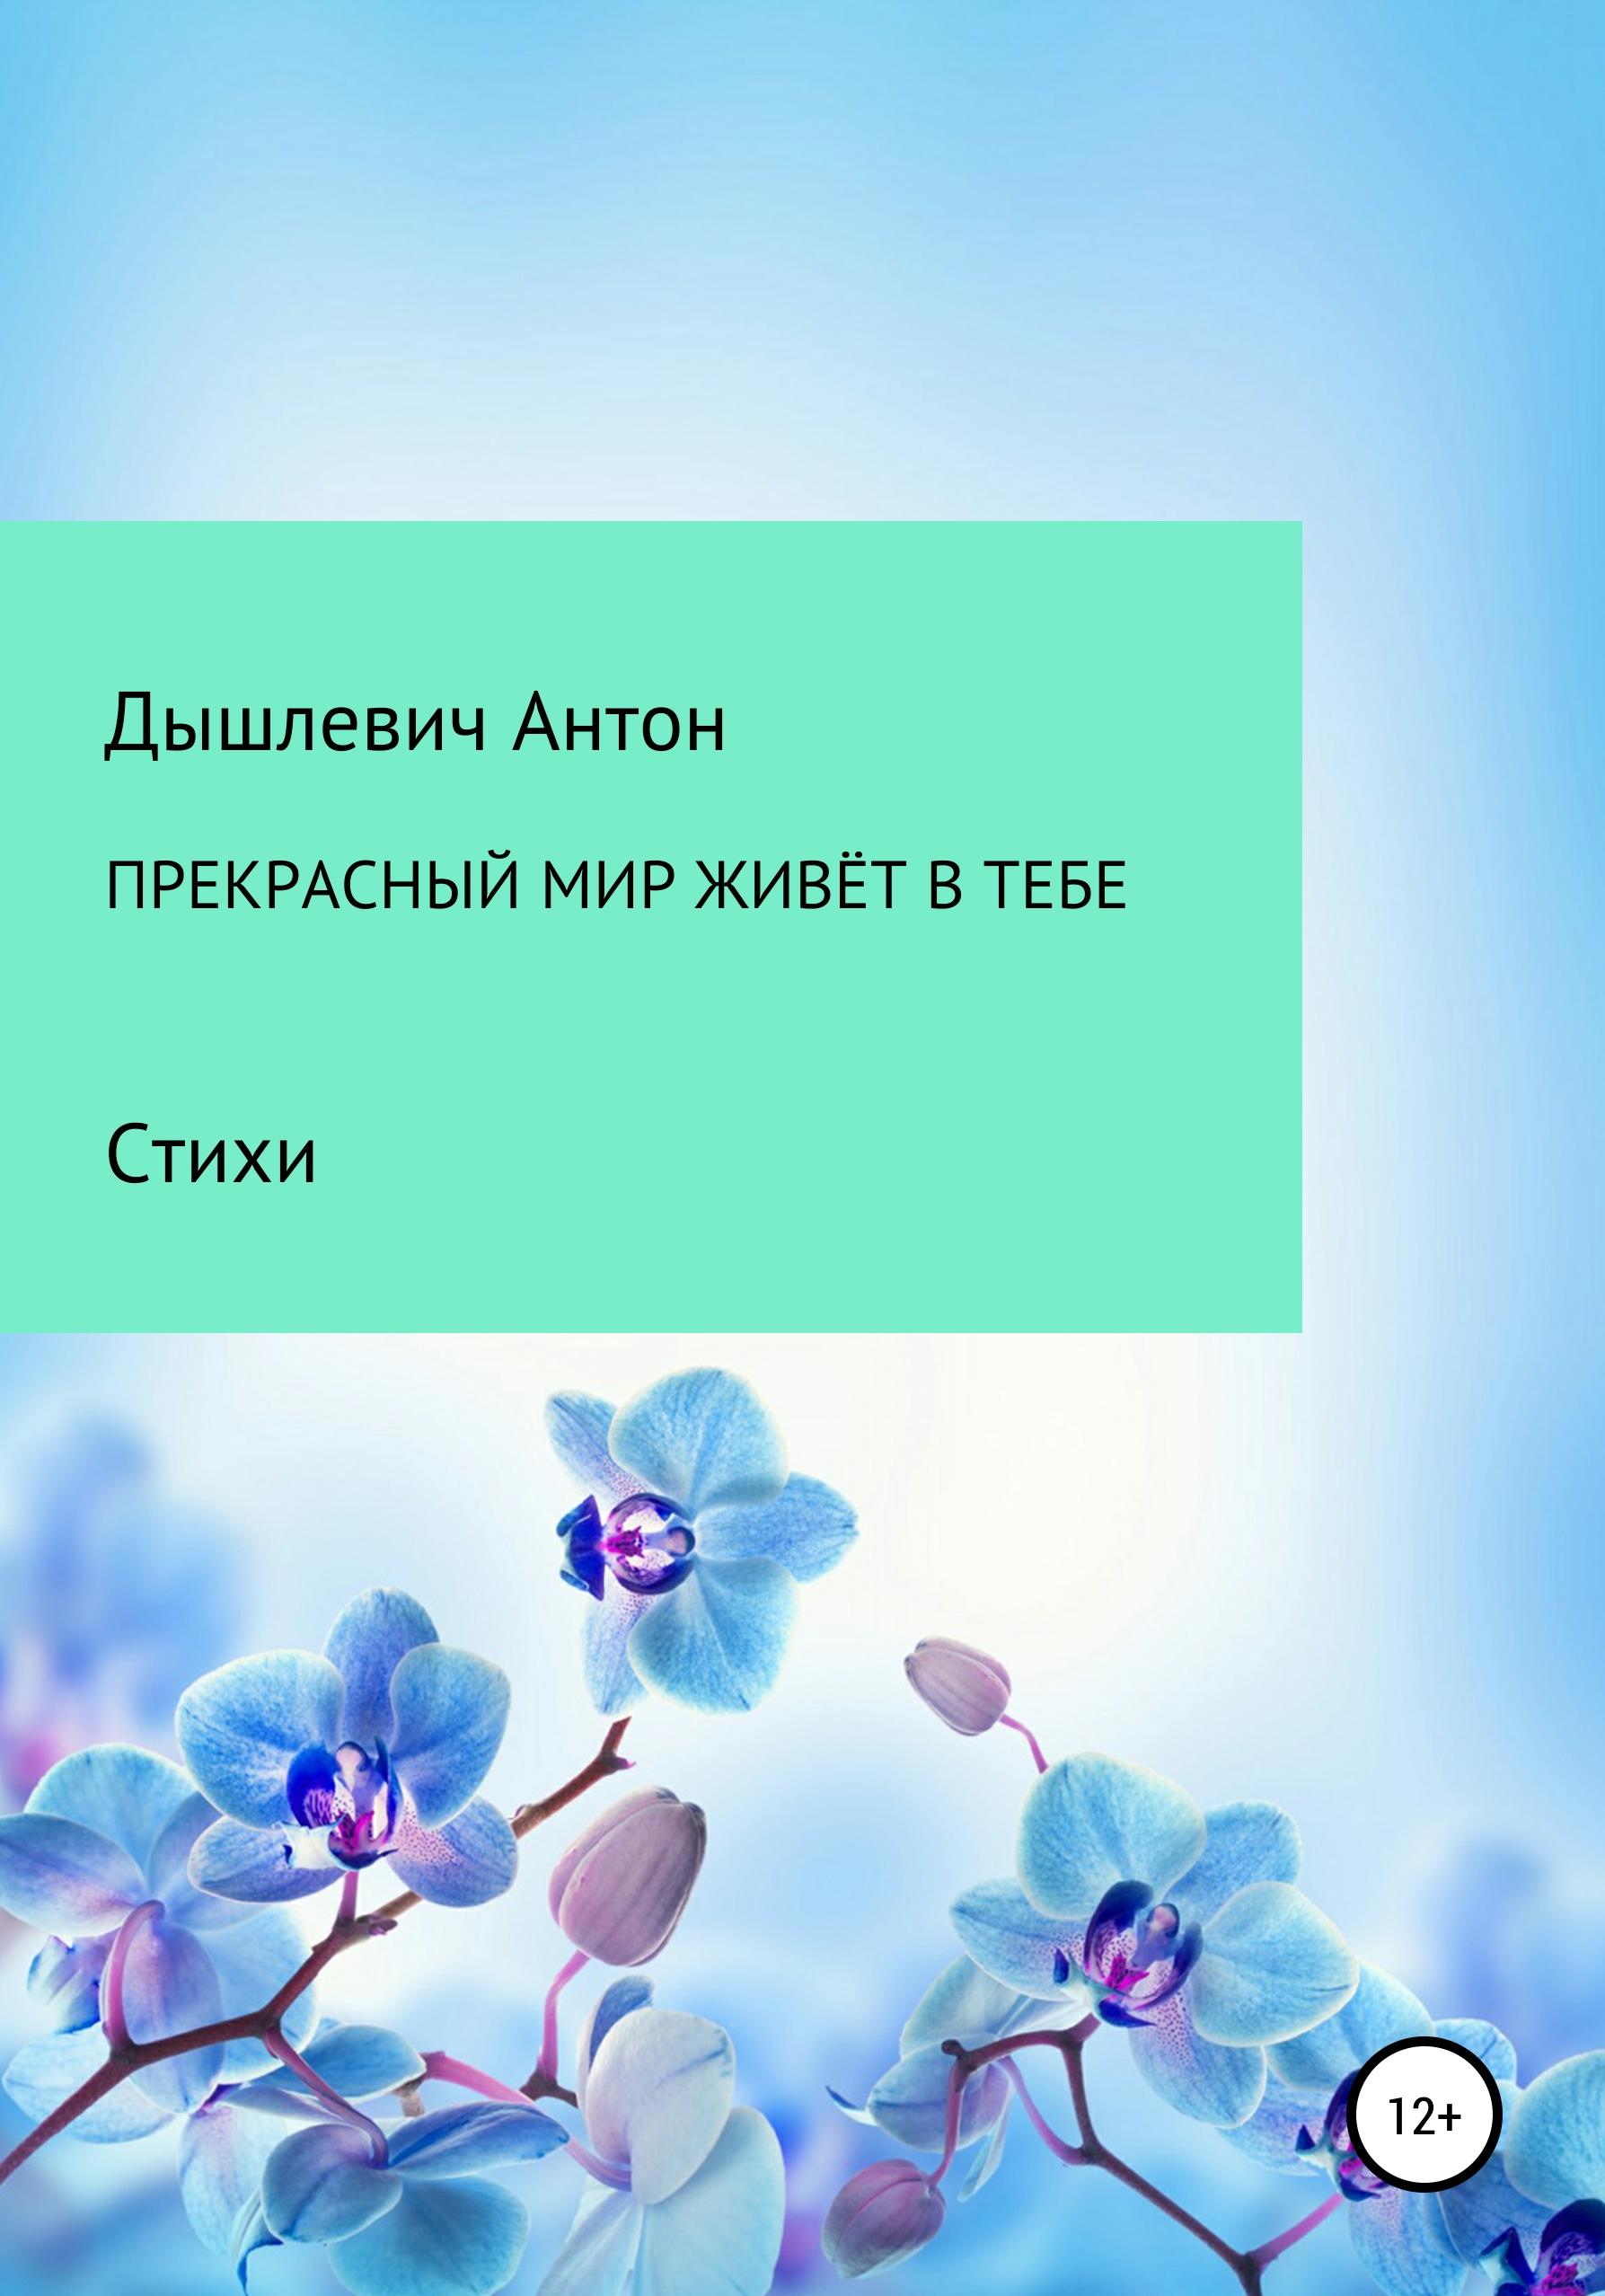 цена на Антон Владимирович Дышлевич Прекрасный мир живёт в тебе